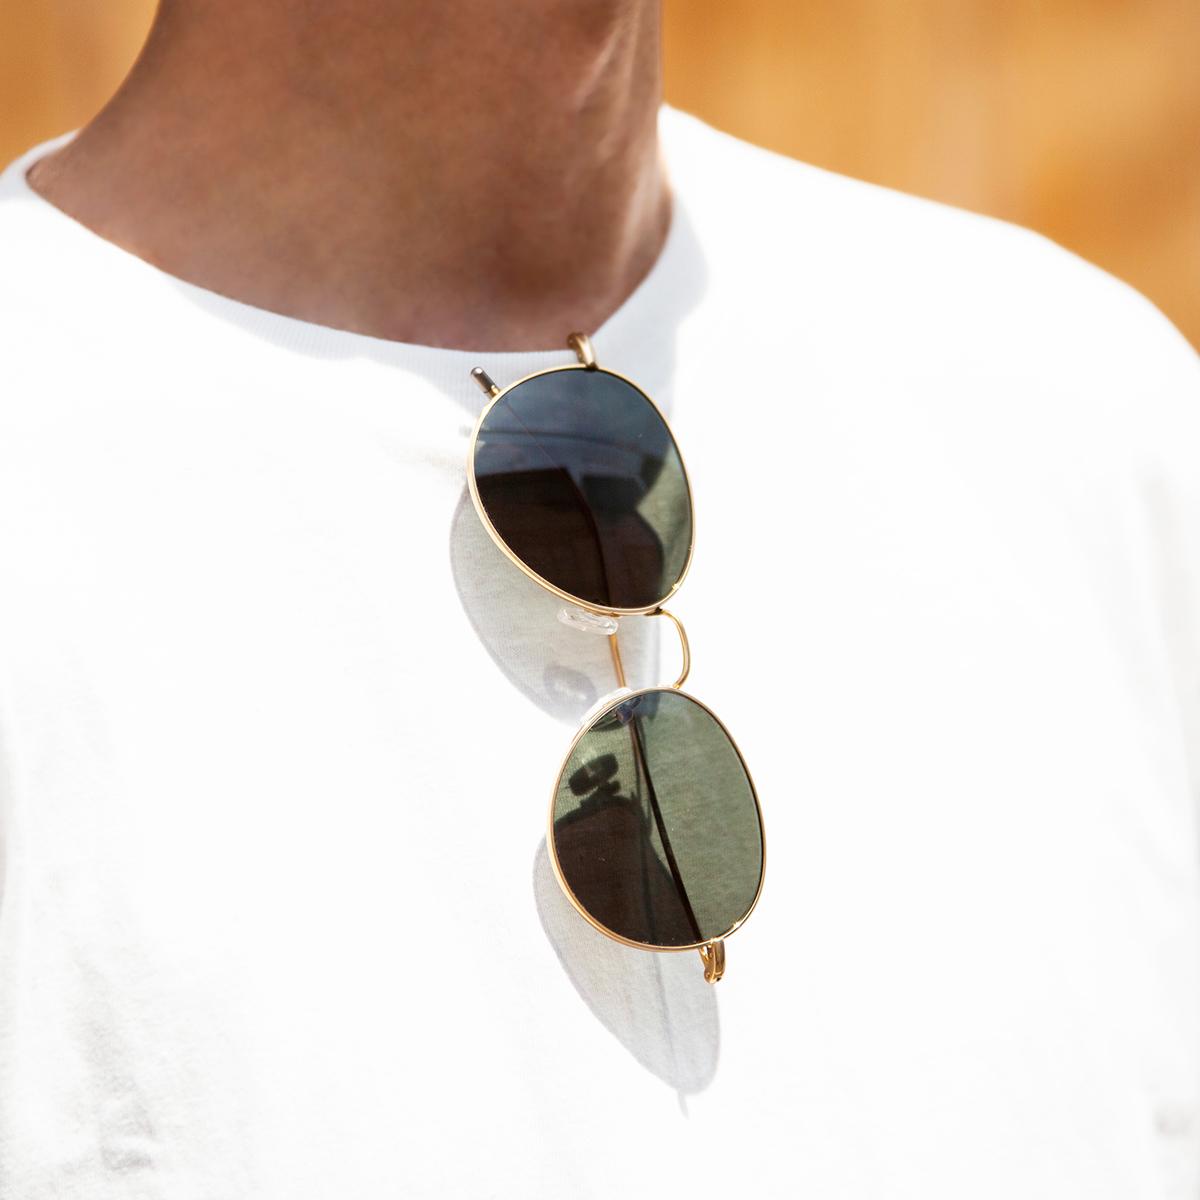 Tシャツの襟元に掛けても、超軽量だから襟がダランとならず快適。風船で浮くほど軽い、フィット感抜群、踏んでも元に戻るβチタンフレームのサングラス|RAWROW R SUN